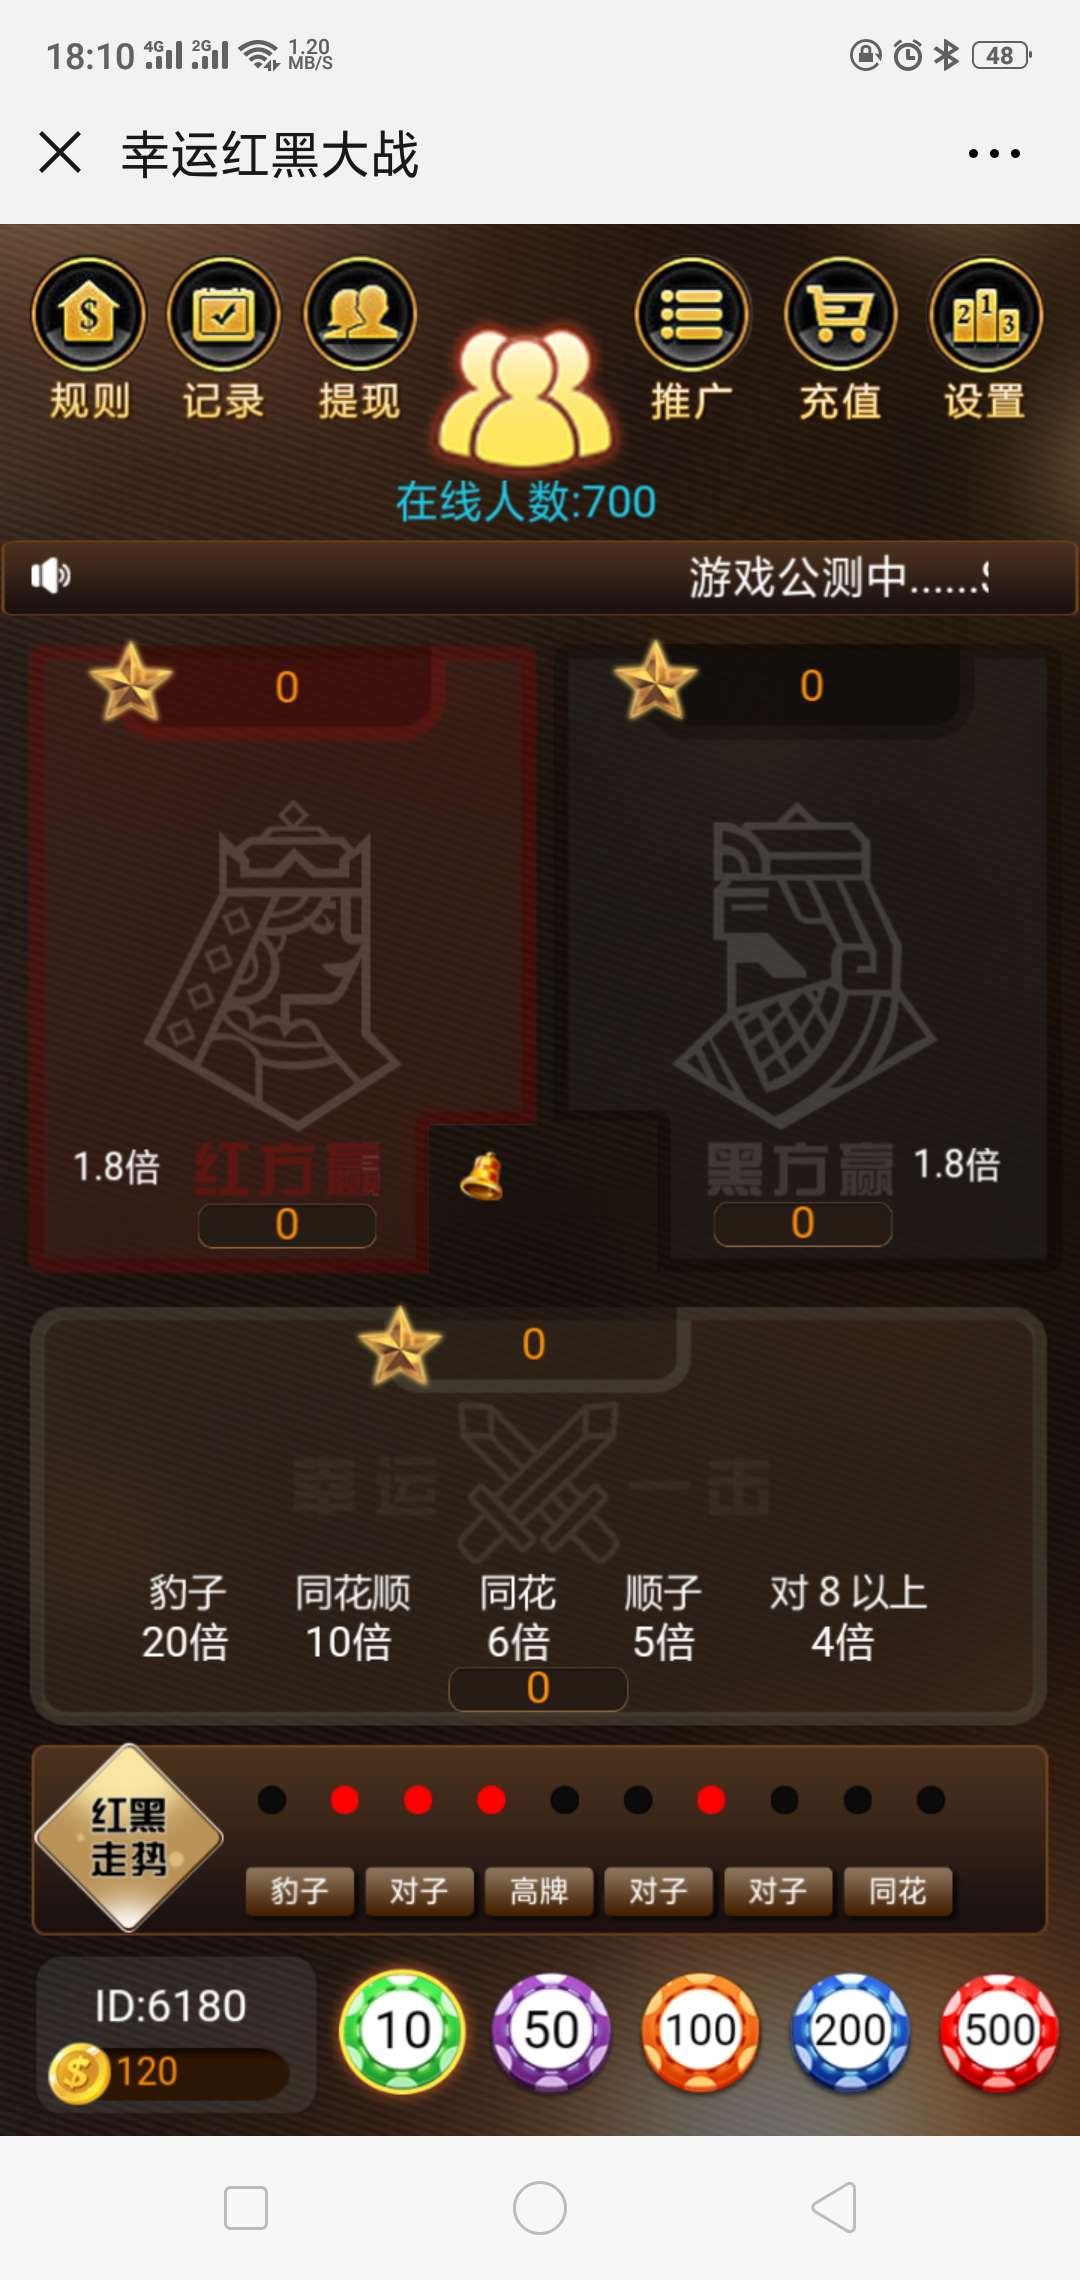 价值3800 h5游戏开发红黑大战诈金花 六级返佣插图(1)